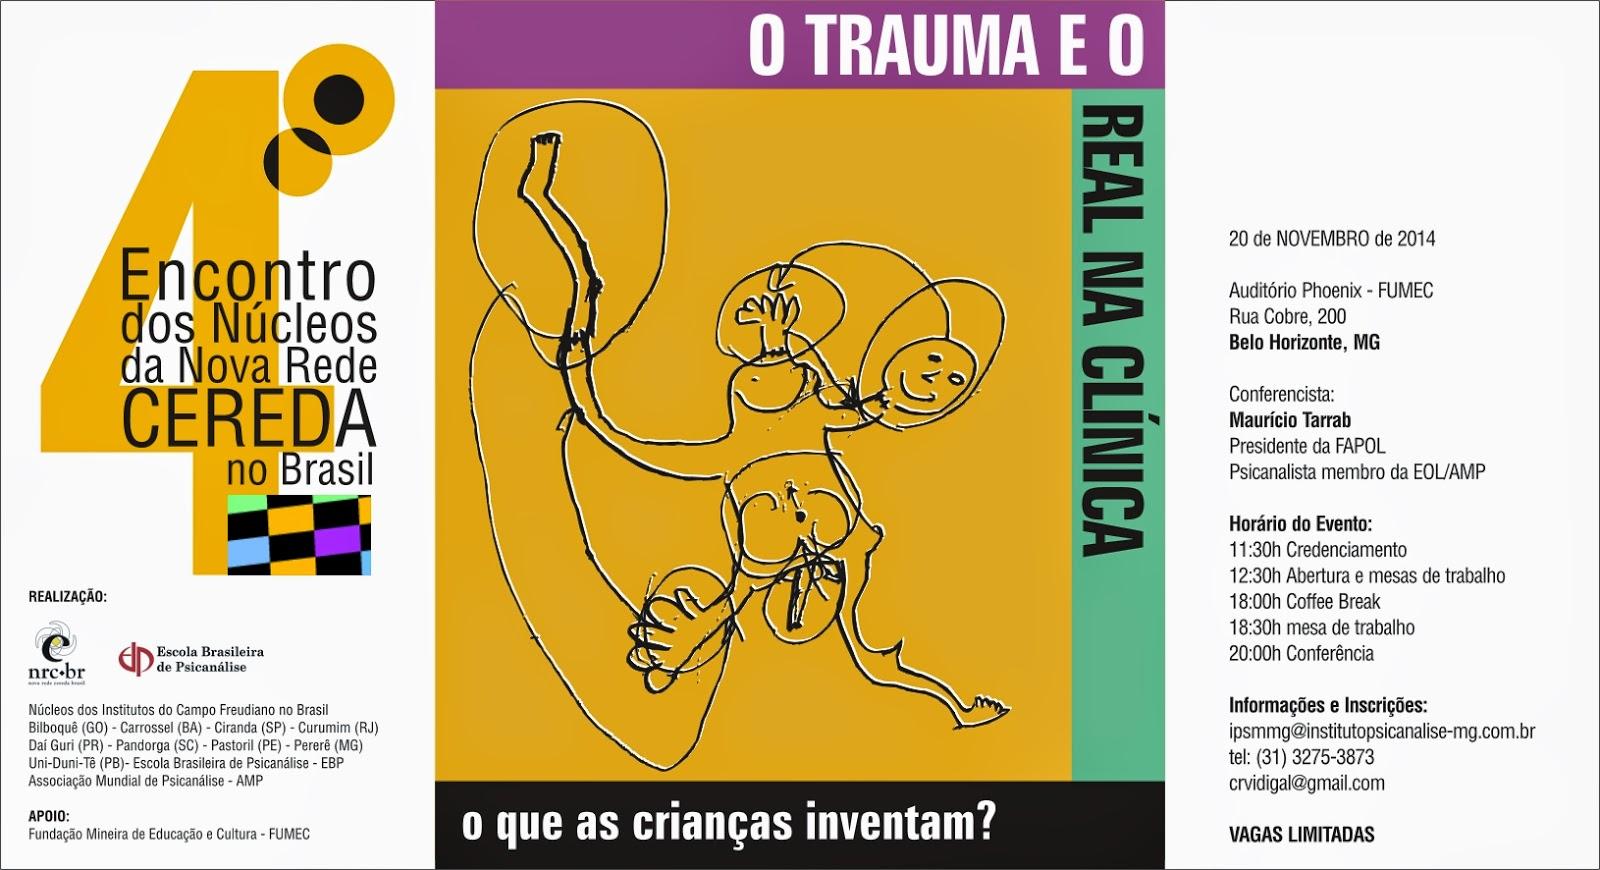 IV Encontro dos Núcleos da Nova Rede CEREDA no Brasil